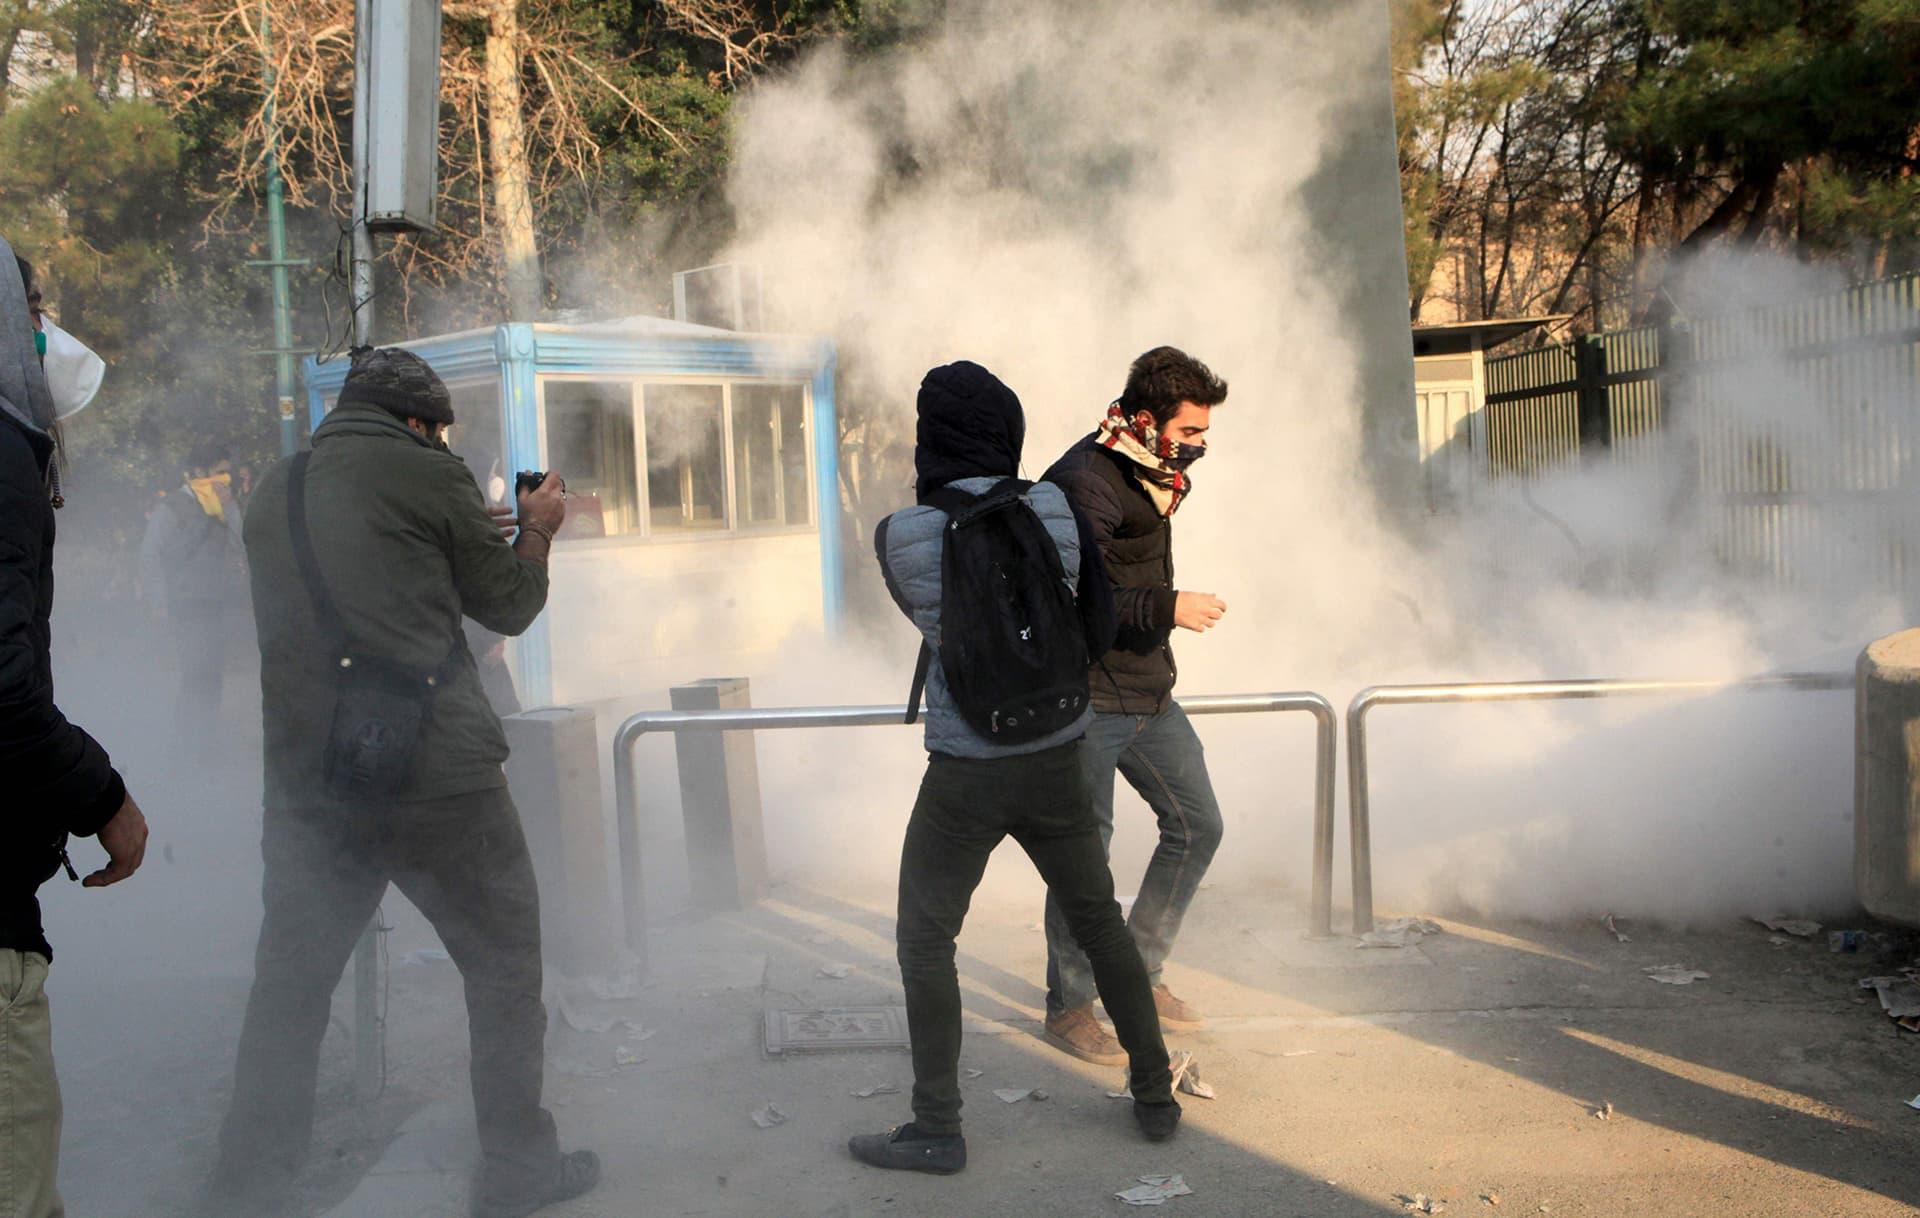 Iranilaisopiskelijat yrittivät suojautua kyynelkaasulta mielenosoituksessa Teheranin yliopistolla lauantaina.